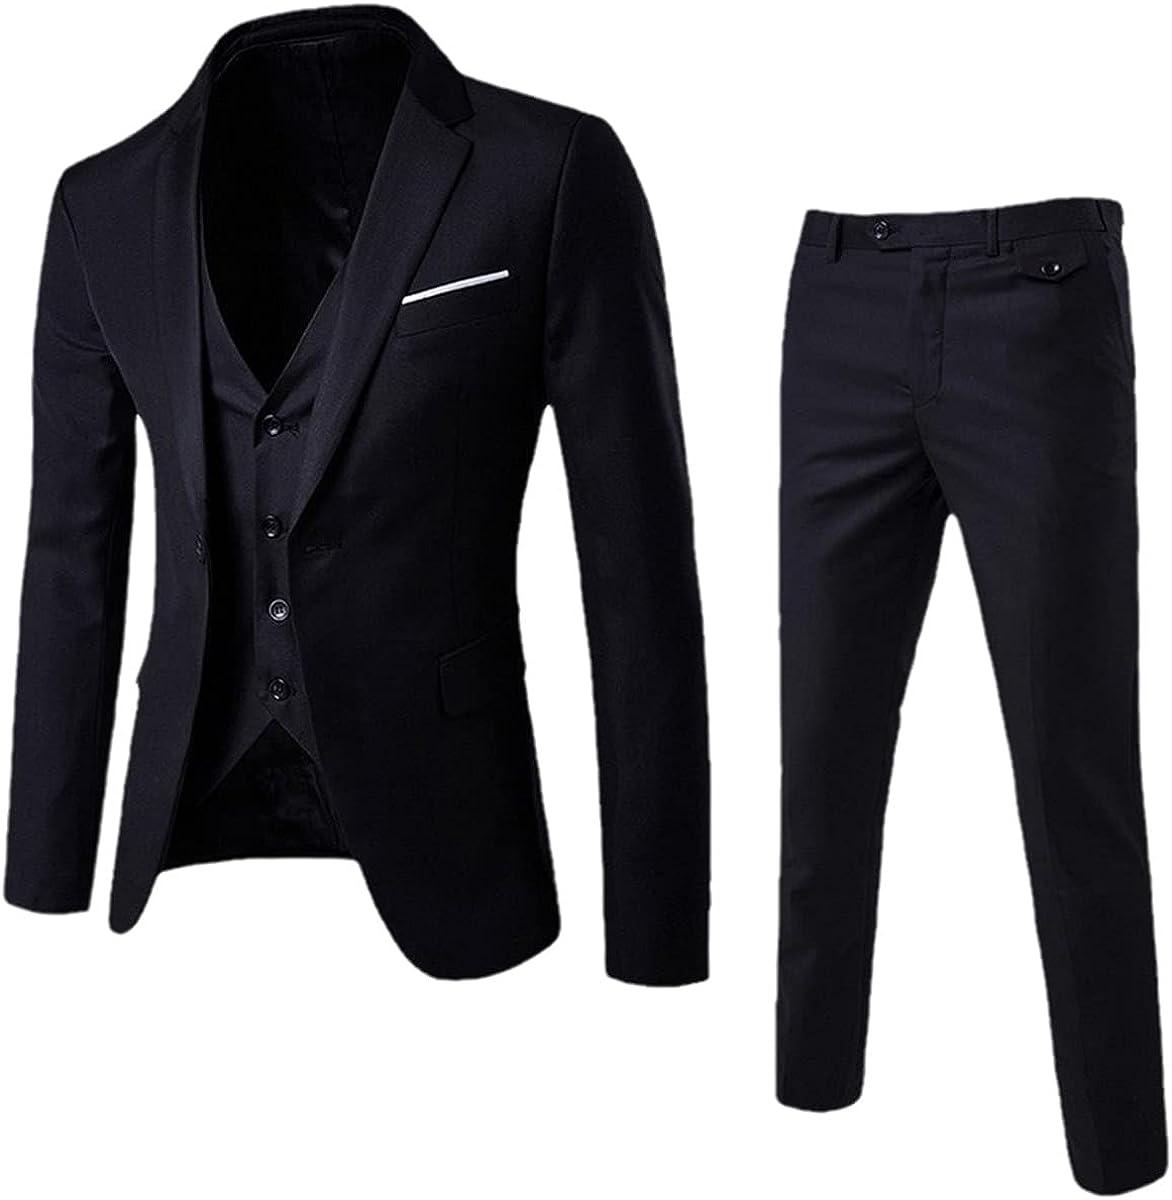 CACLSL Men's Fashion Slim Suit Business Casual wear Groomsmen Suit Suit Jacket Jacket Pants Trousers Vest Suit